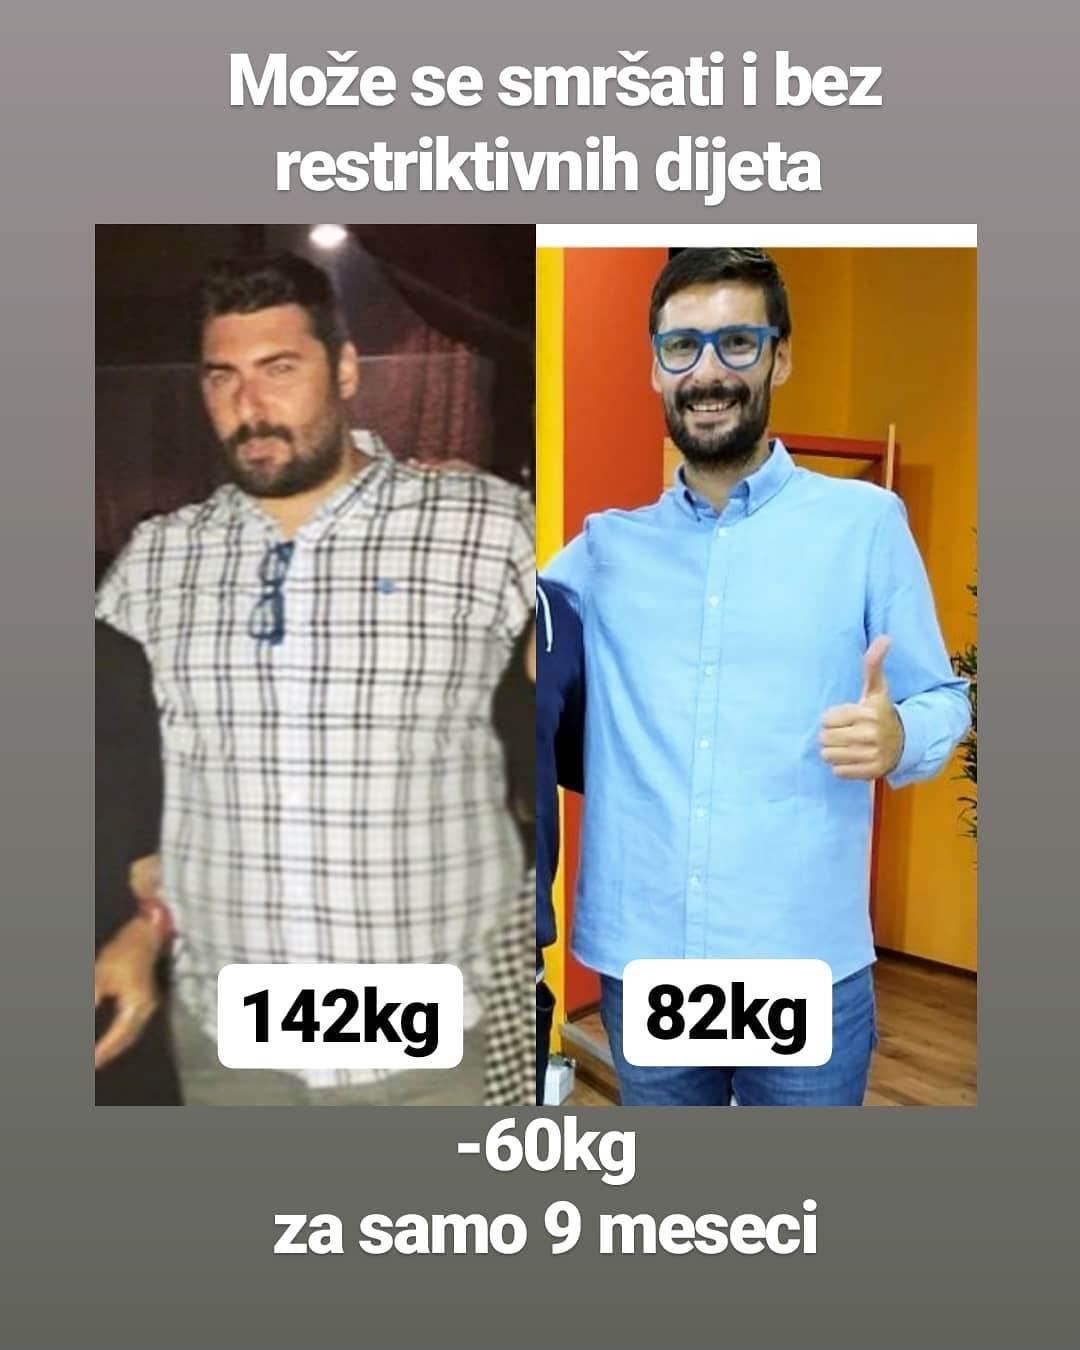 milan kicanski, mršavljenje, gubitak težine